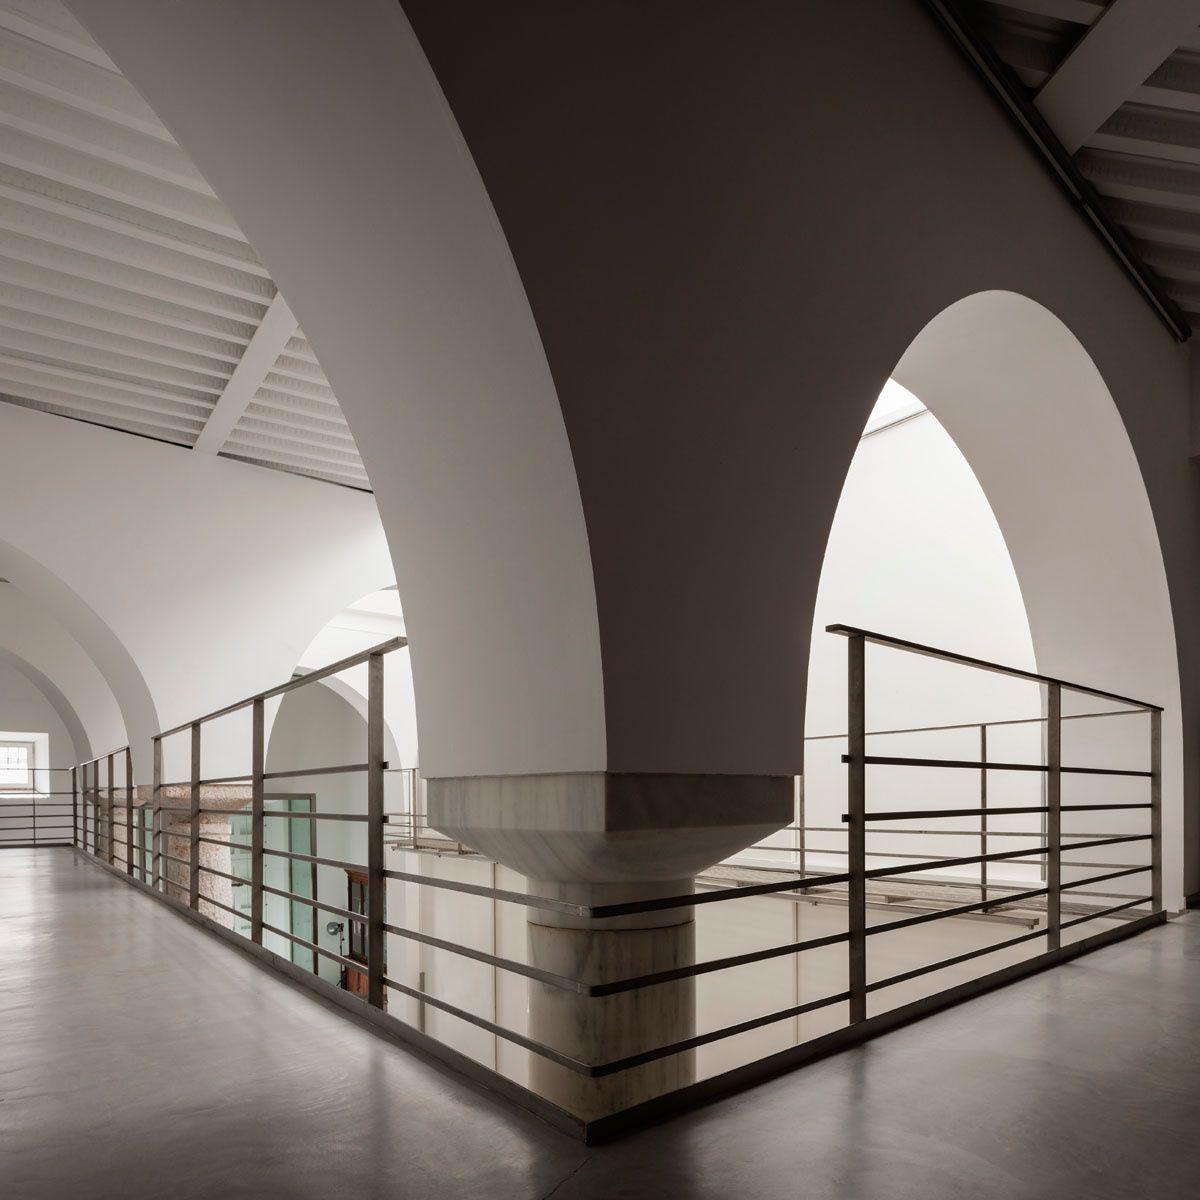 Estudio de arquitectura guillermo v zquez consuegra - Estudios de arquitectura sevilla ...